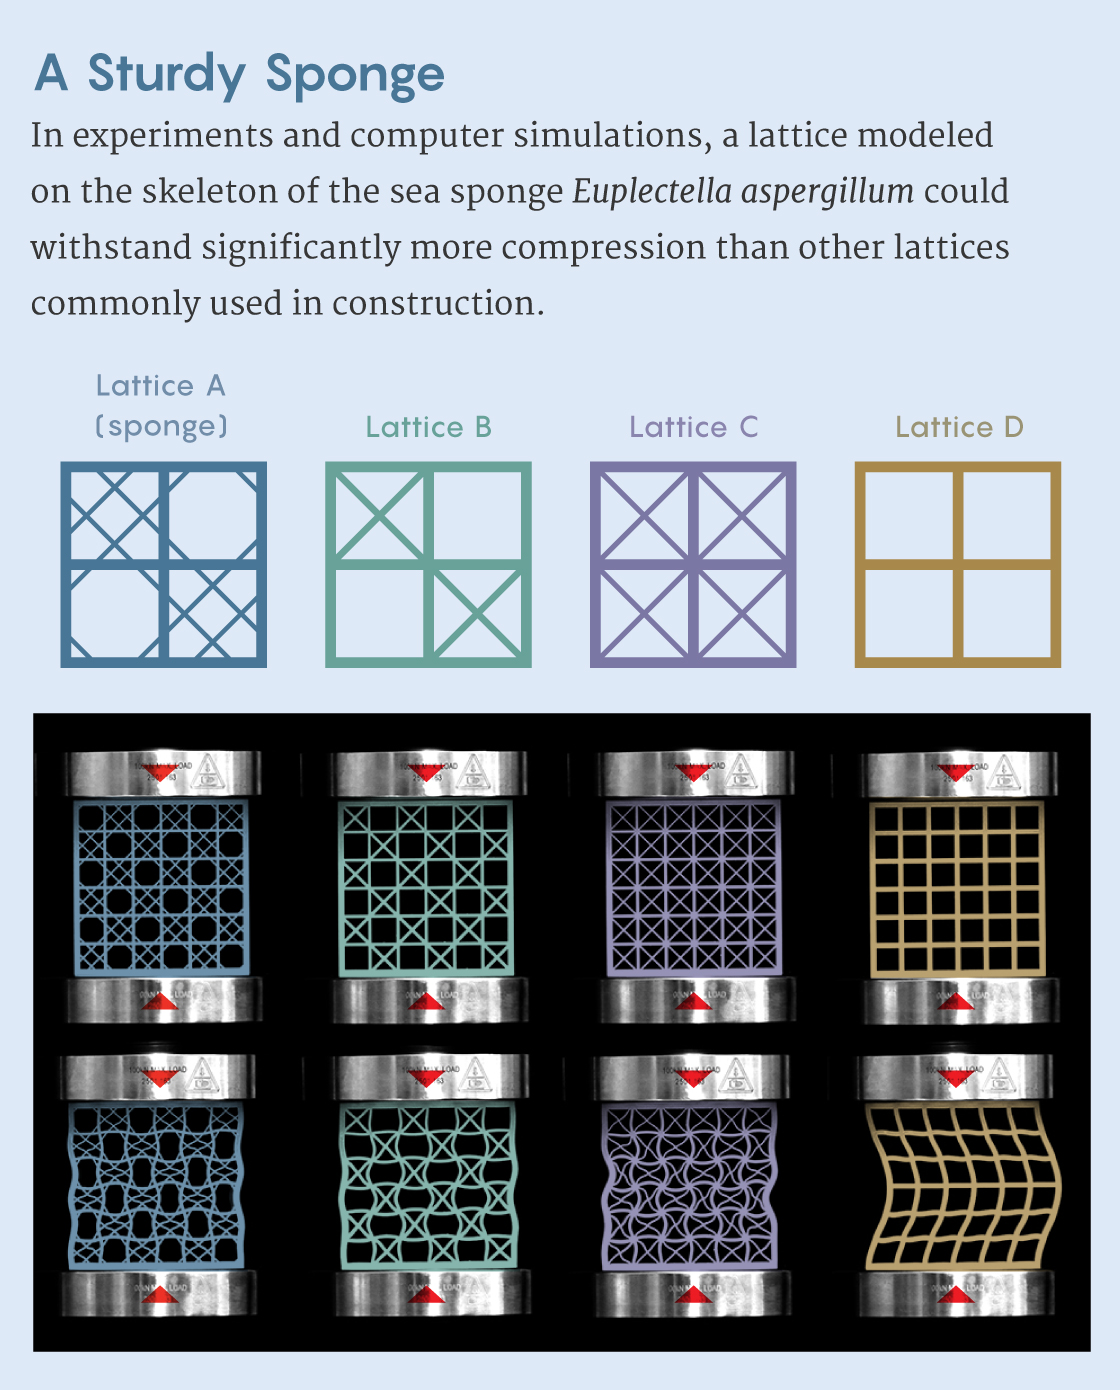 Infografía que muestra cuatro celosías diferentes, incluida una modelada sobre la esponja Euplectella aspergillum, que se deforma por compresión.